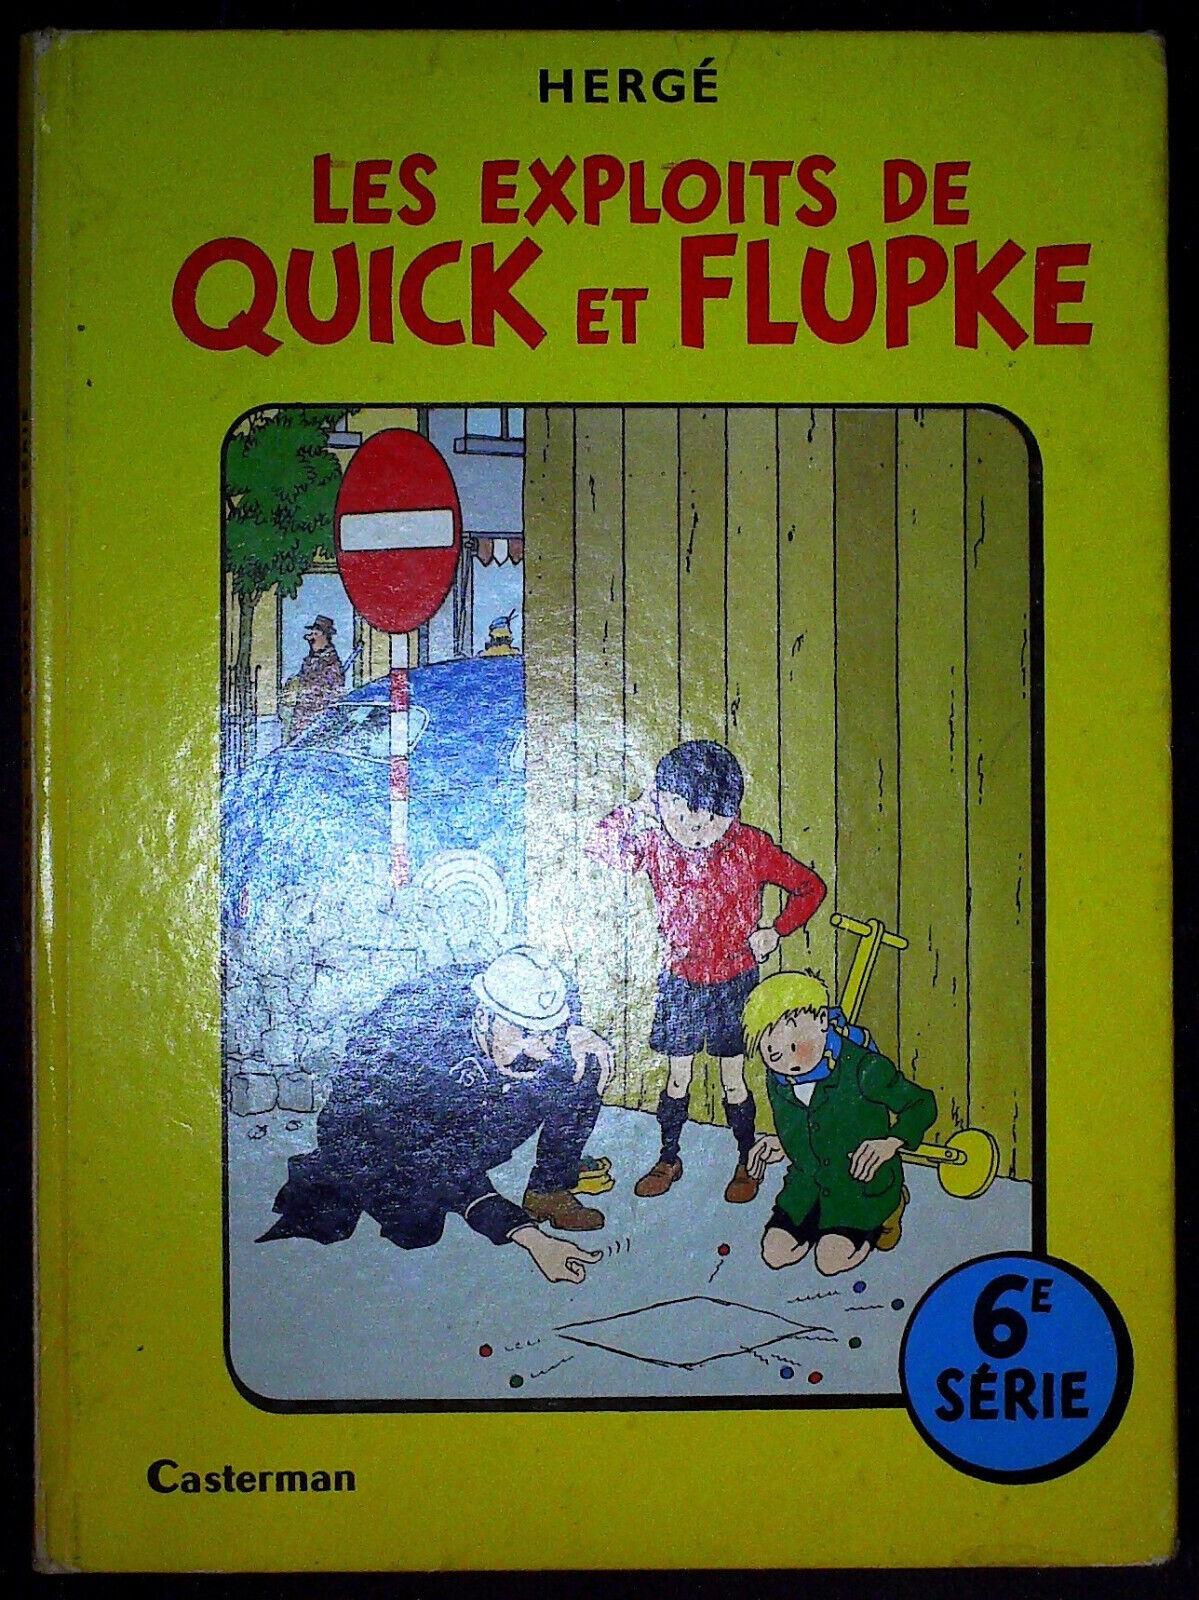 Les exploits de Quick et Flupke série 6 - 1954 - édition 1966